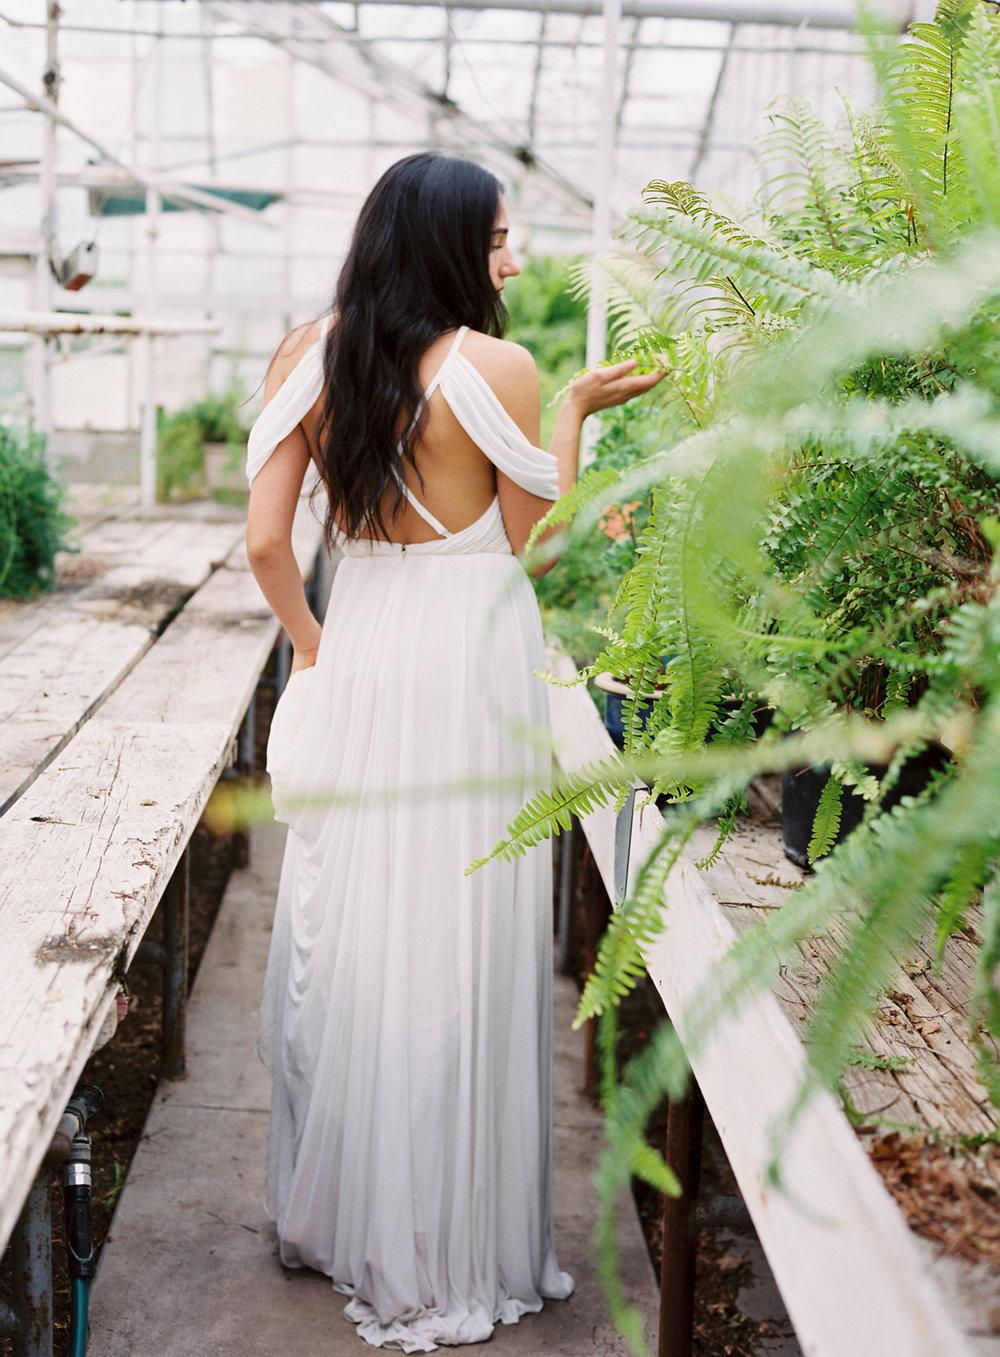 greenhouse-editiorial_0017.jpg